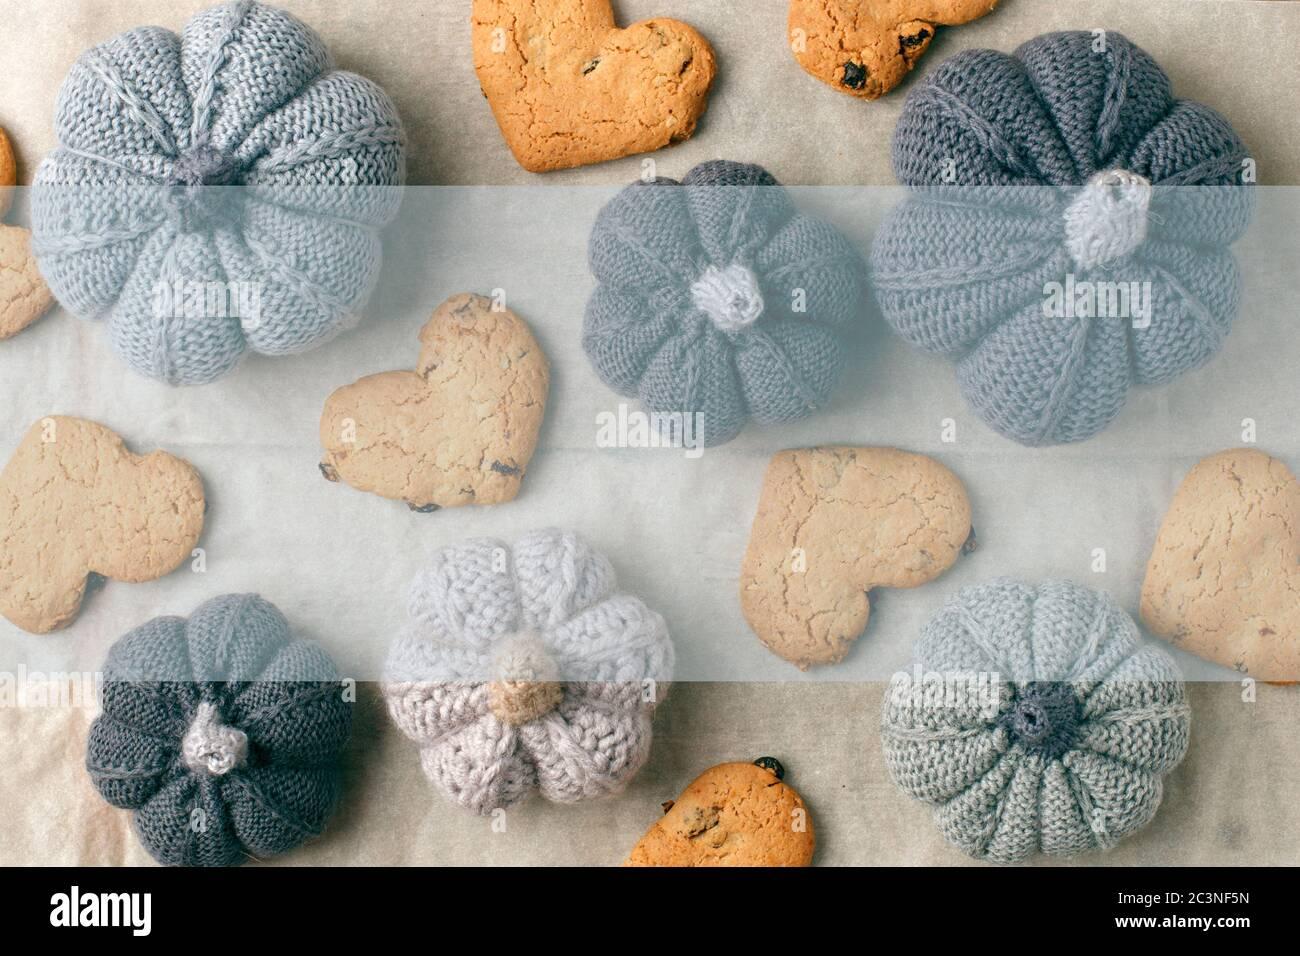 Otoño todavía la vida de la calabaza tejida hecha a mano, galletas en forma de corazón en papel de hornear. Concepto cálido hogar acogedor confort temporada otoño. Se burlan Foto de stock